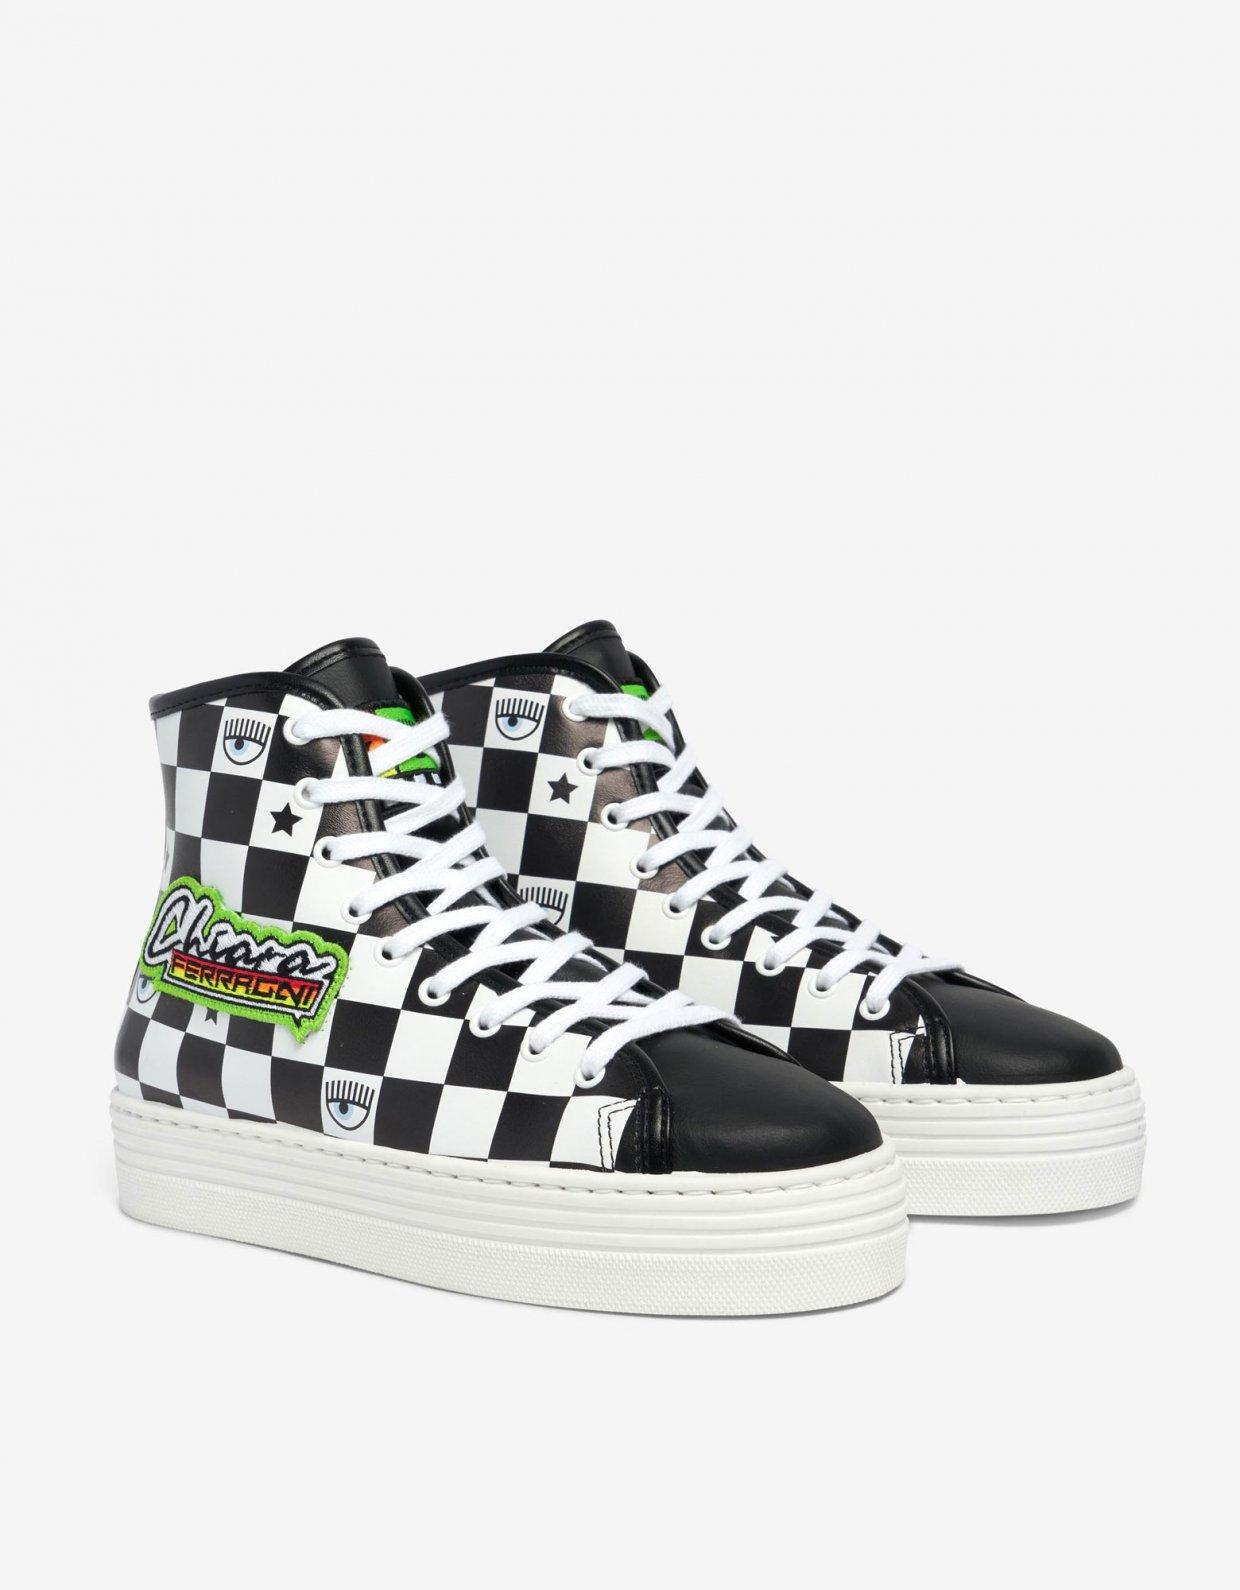 Chiara Ferragni Racing sneakers